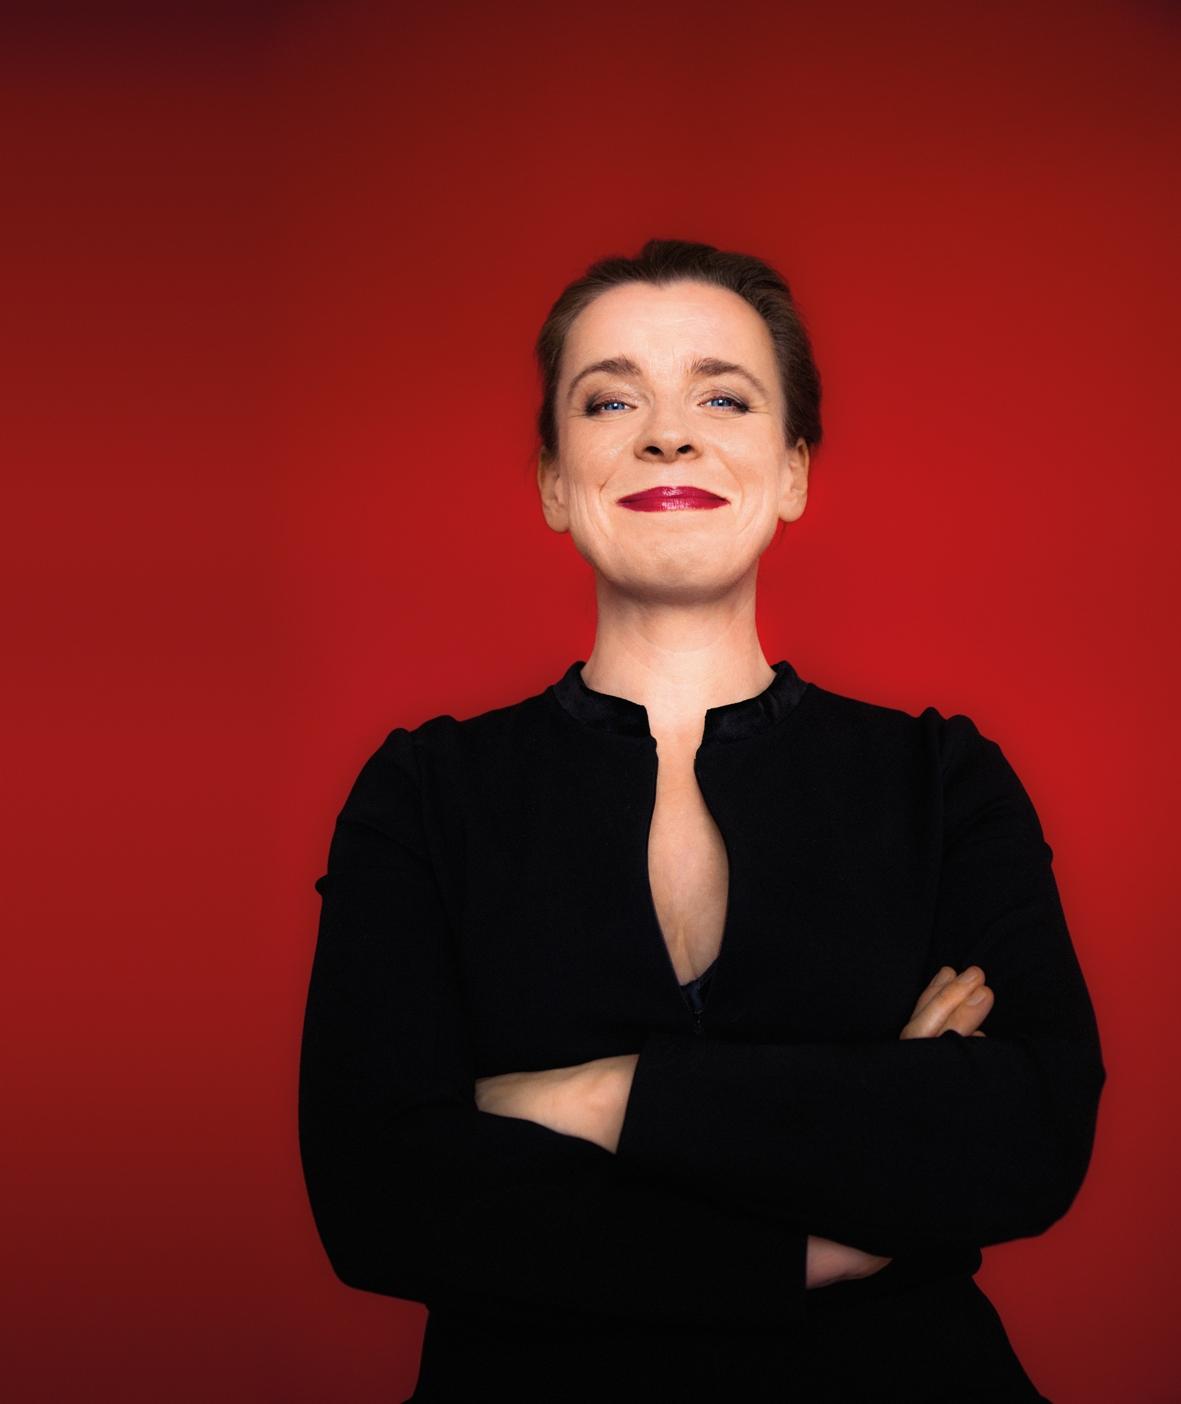 Tina Teubner. Frau im schwarzen Pullover mit verschränkten Armen vor einer roten Wand stehend.